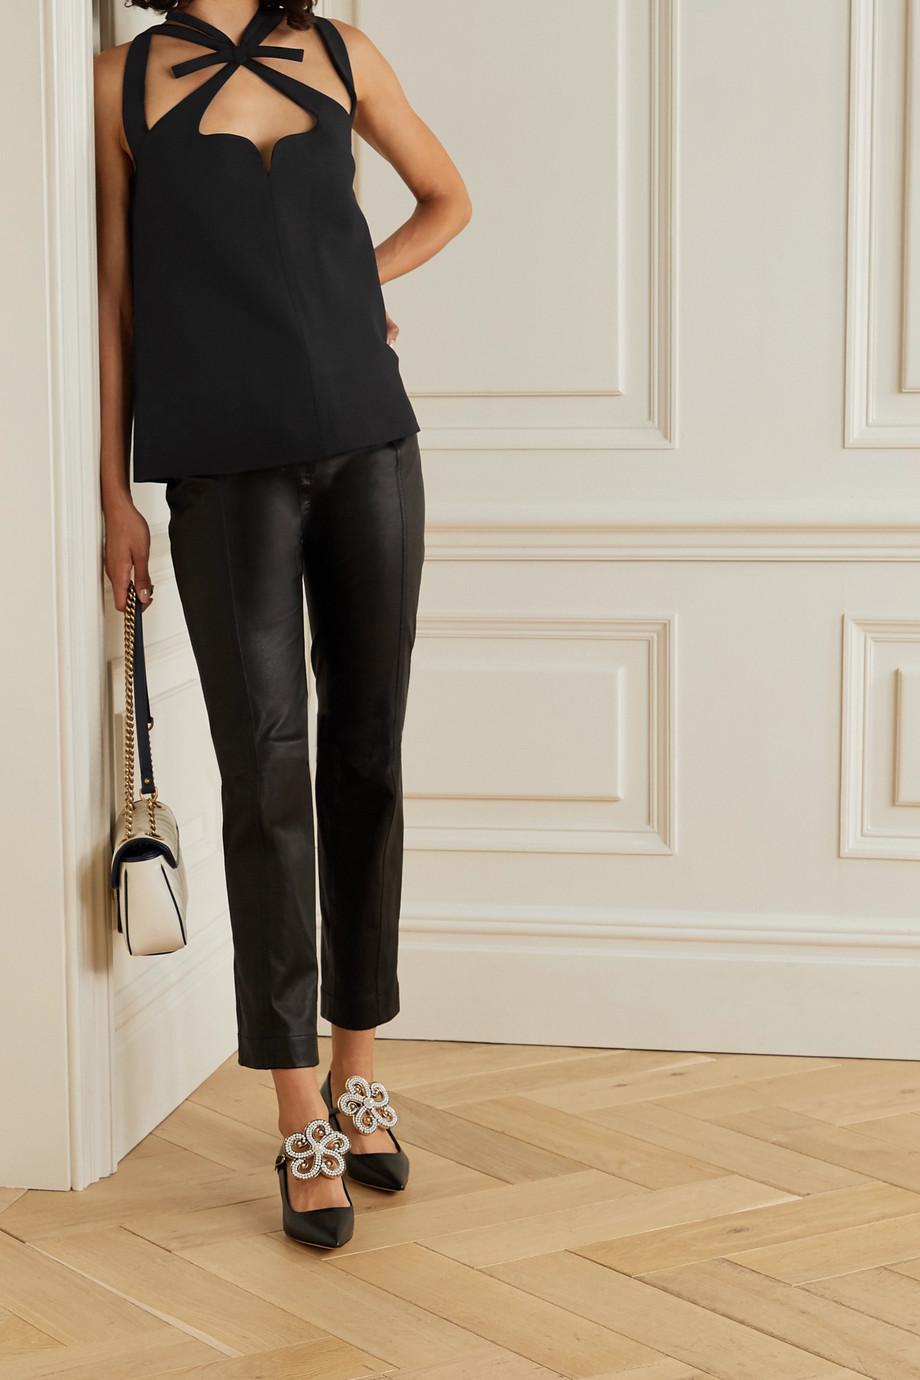 Gucci Oberteil aus einer Seiden-Wollmischung mit Schleifen